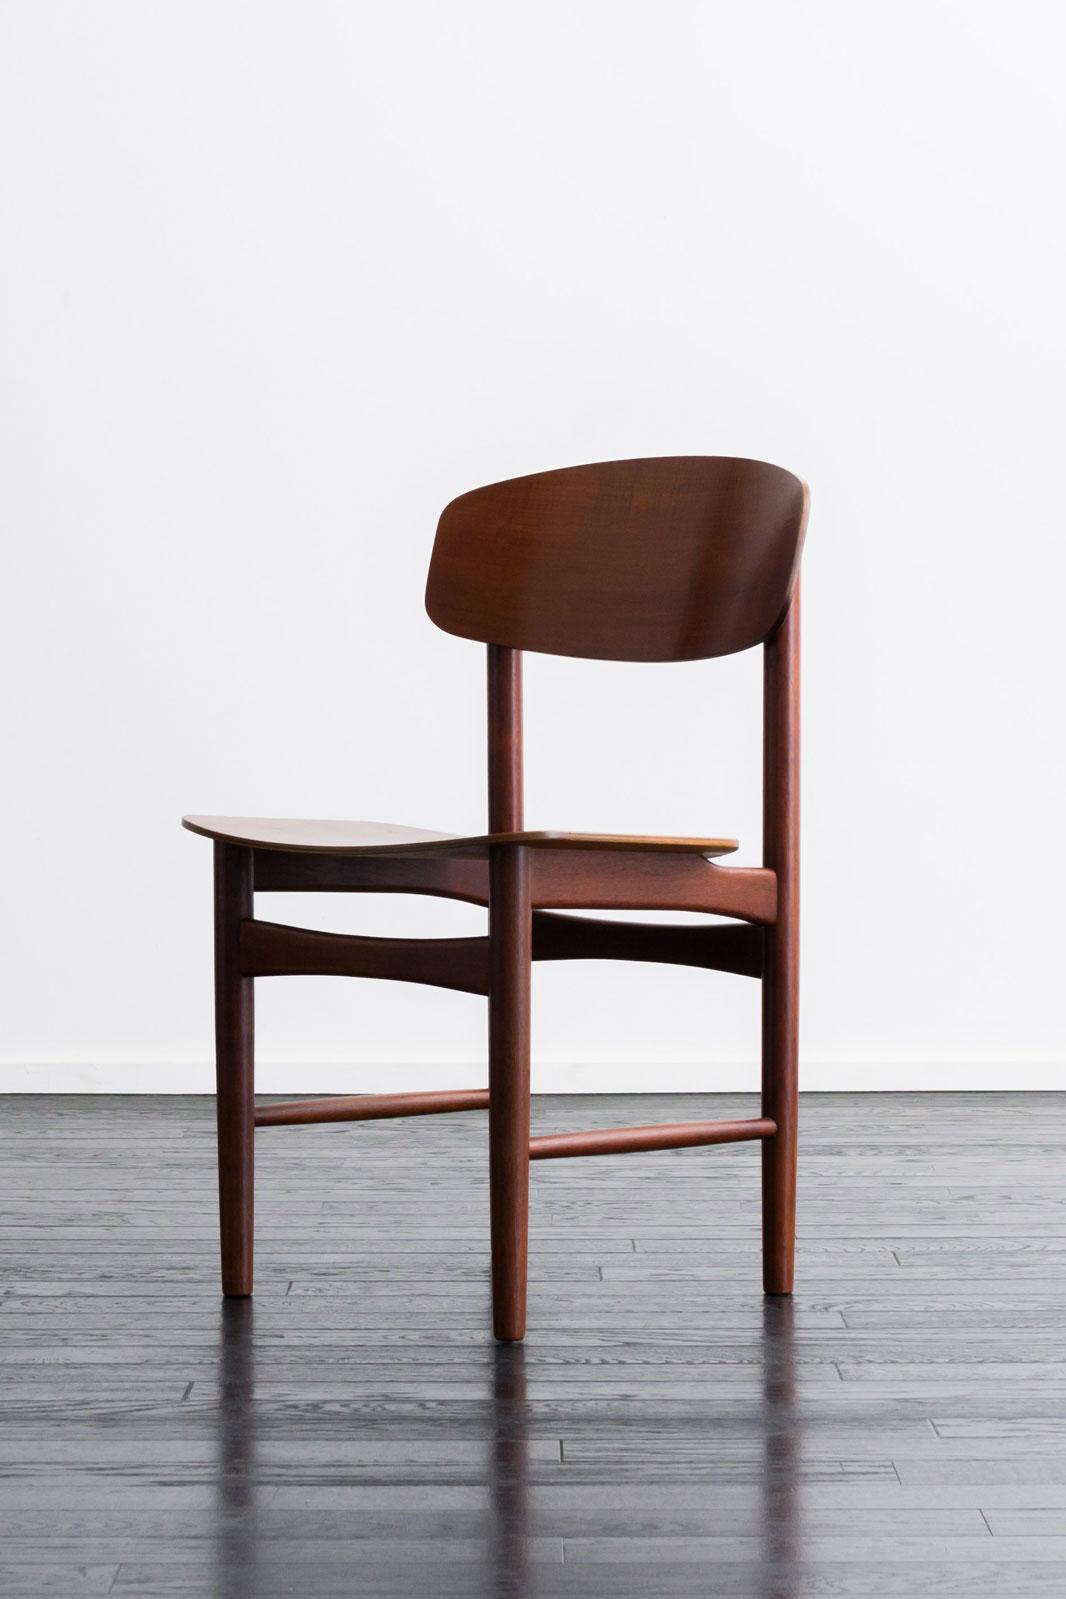 【4脚セット】#122 Dining Chair by Borge Mogensen